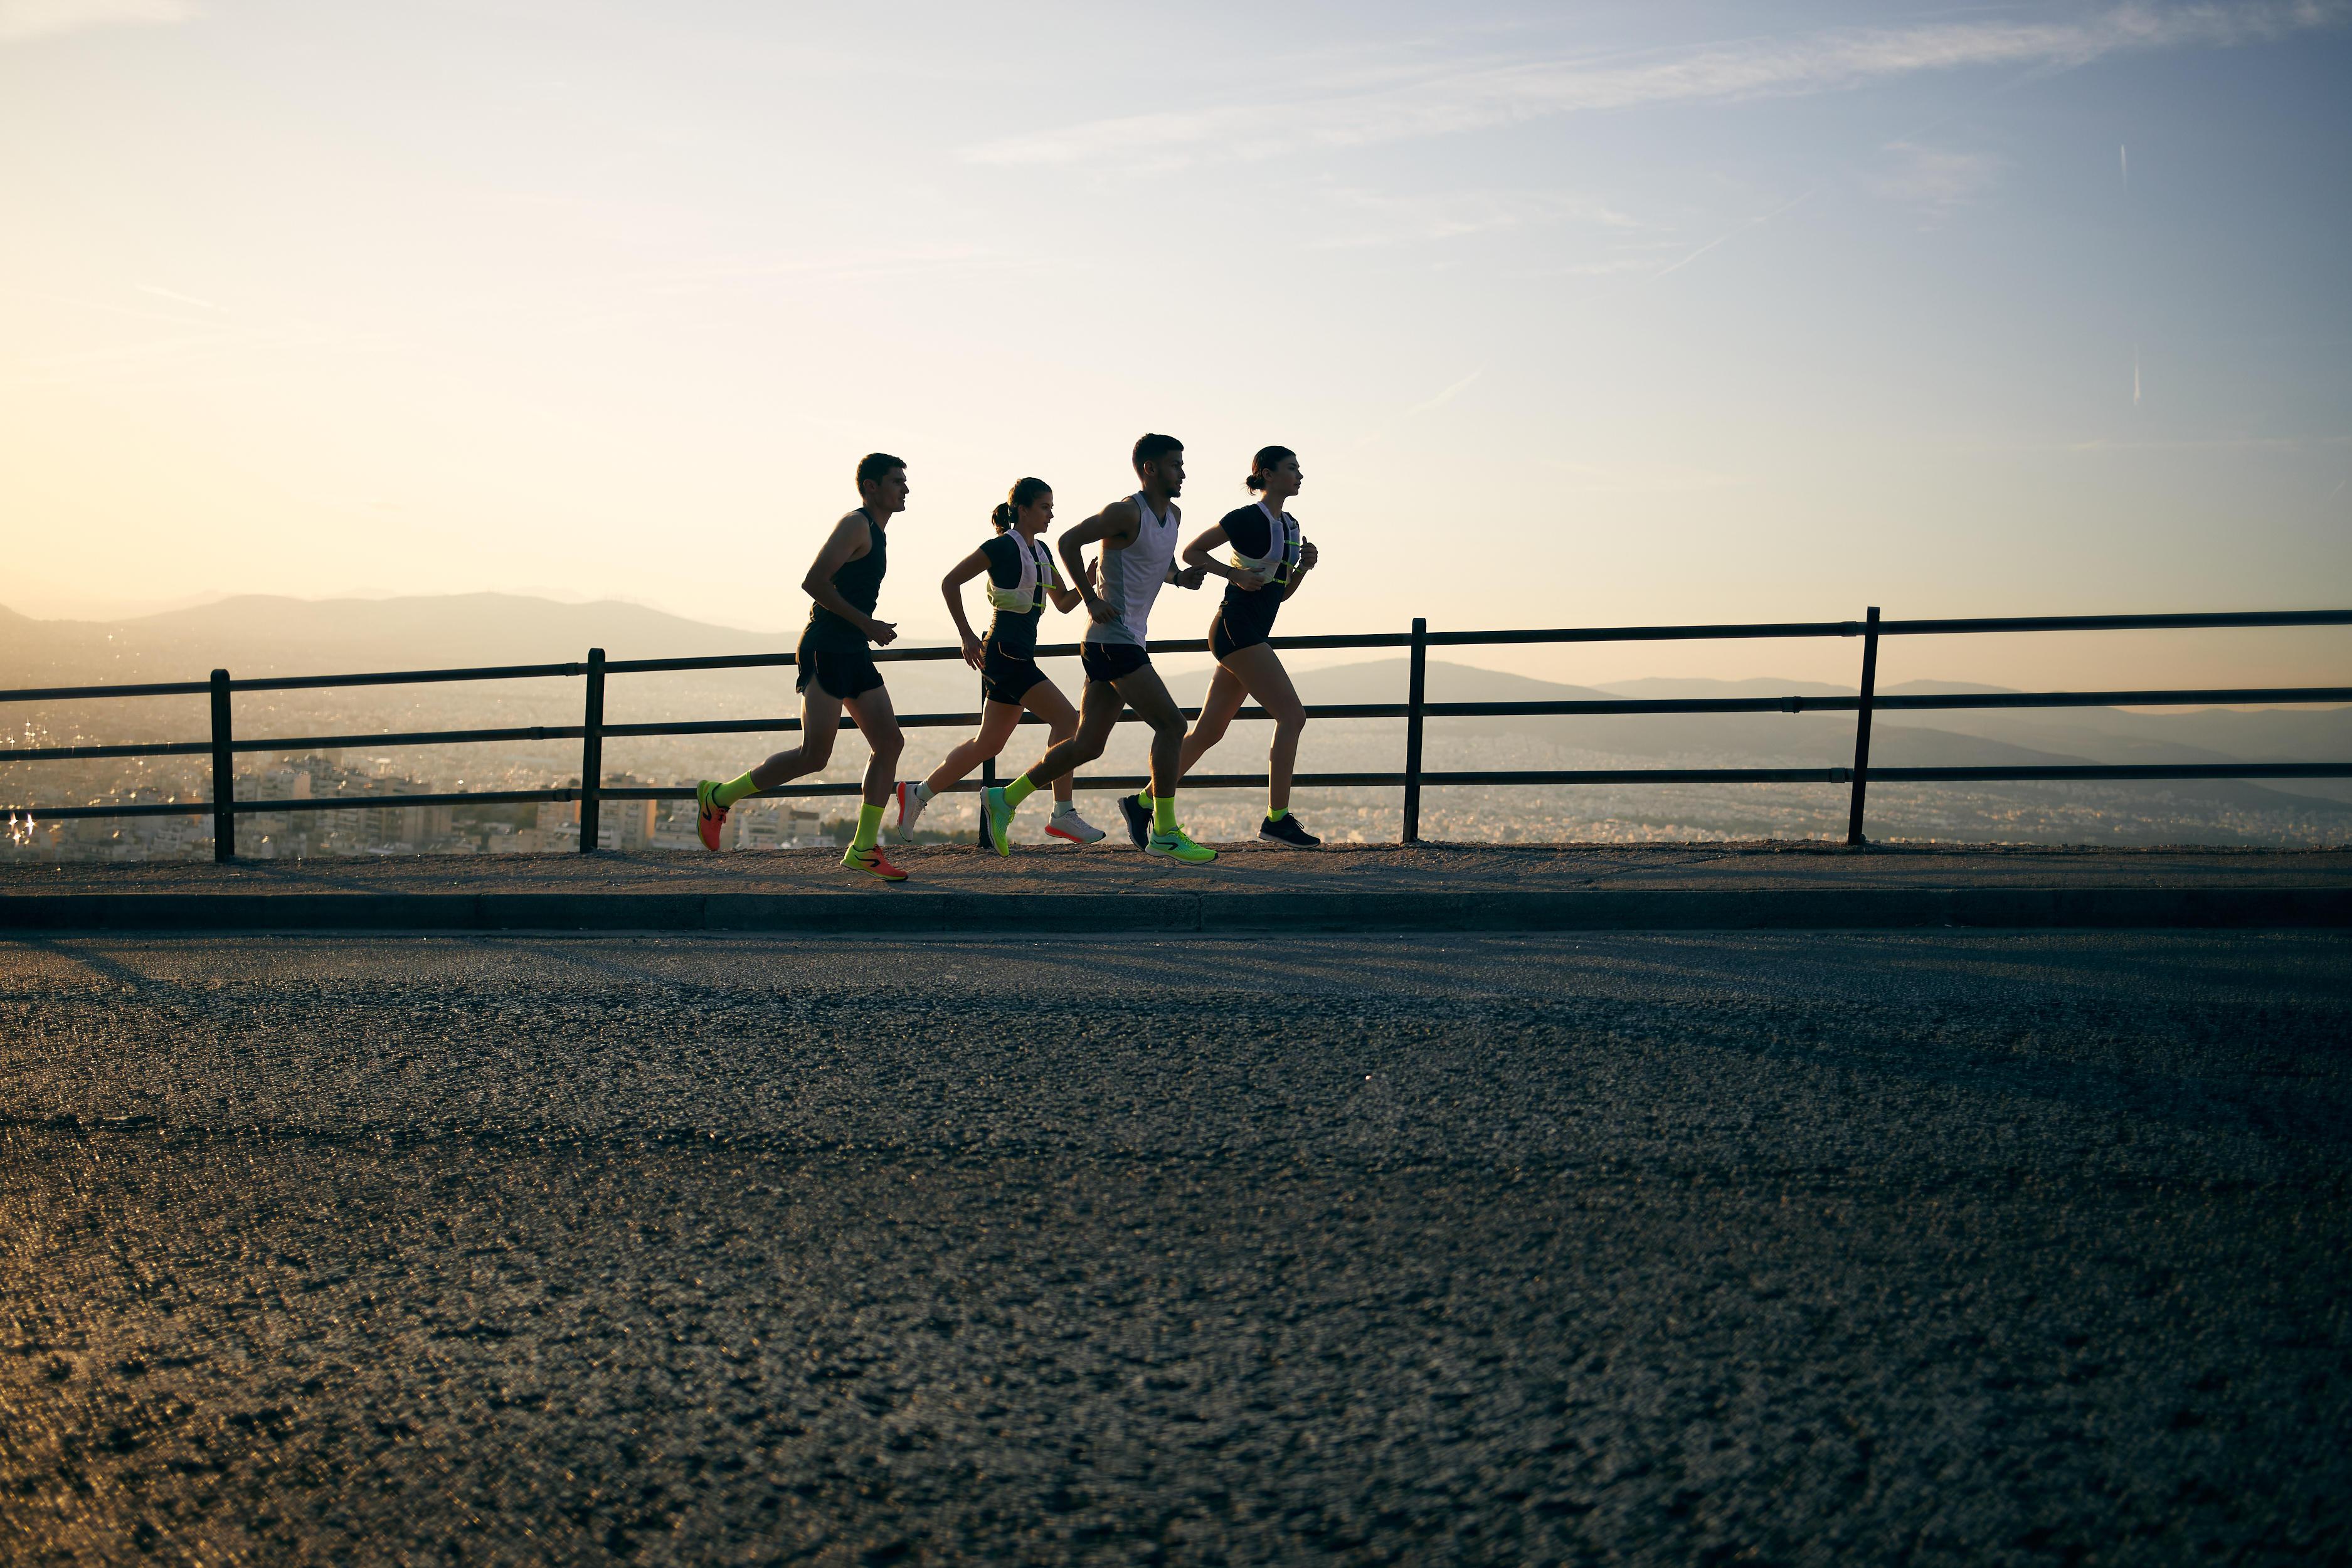 koşucular için maratona hazırlık süreci